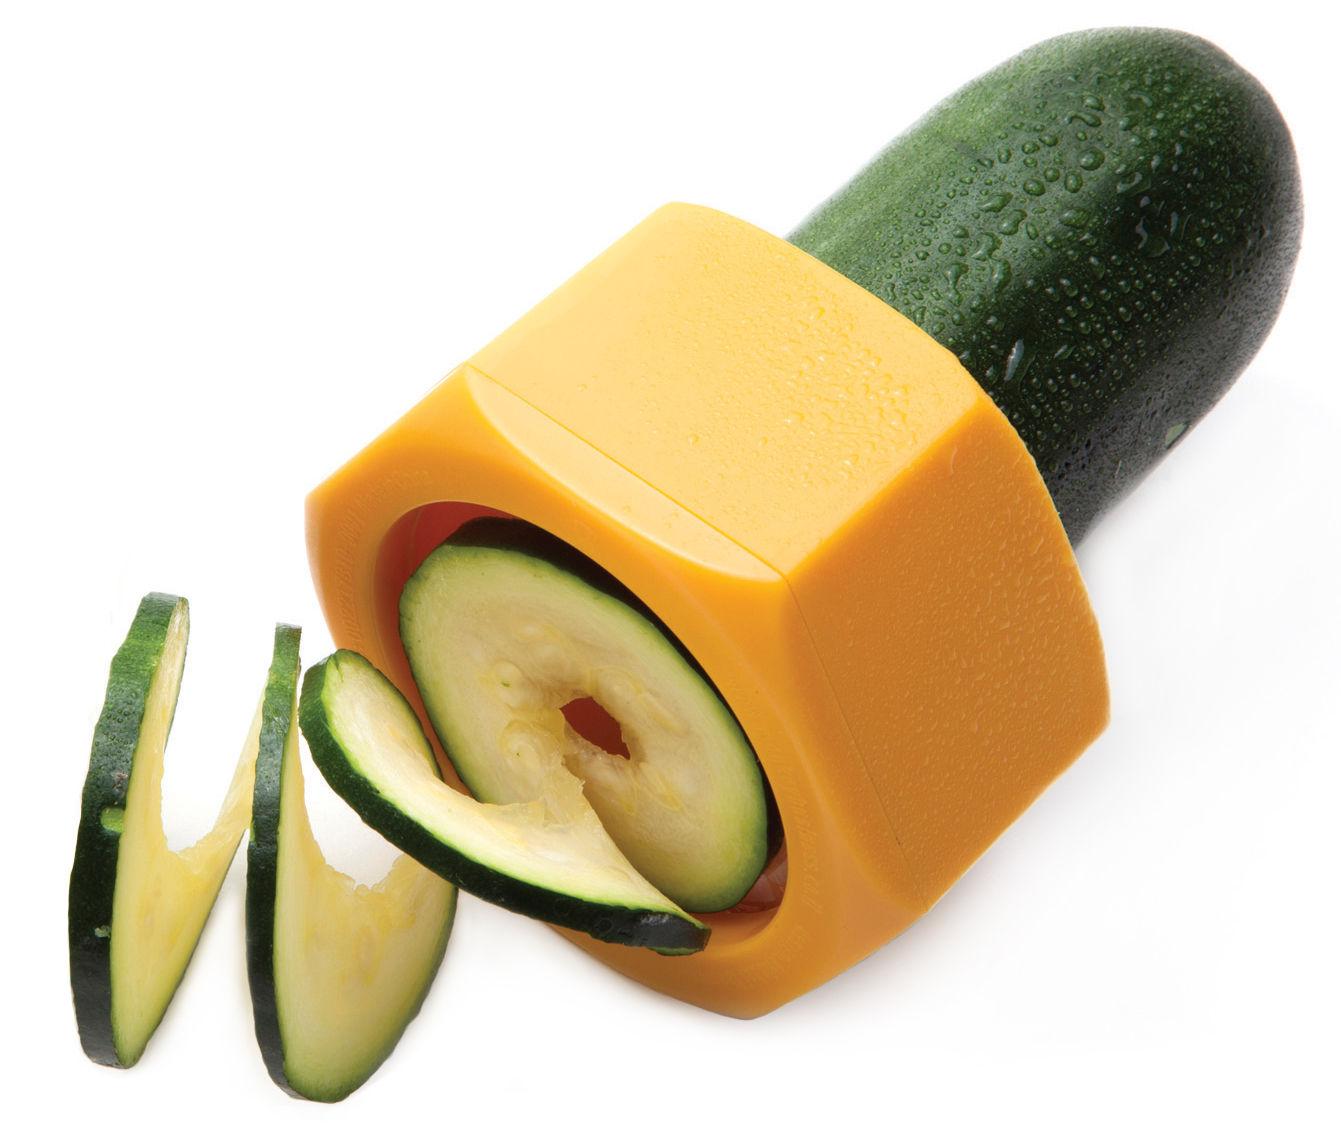 Cuisine - Ustensiles de cuisines - Taille-légume Cucumbo / Pour concombre et courgette - Pa Design - Orange - ABS, Acier inoxydable